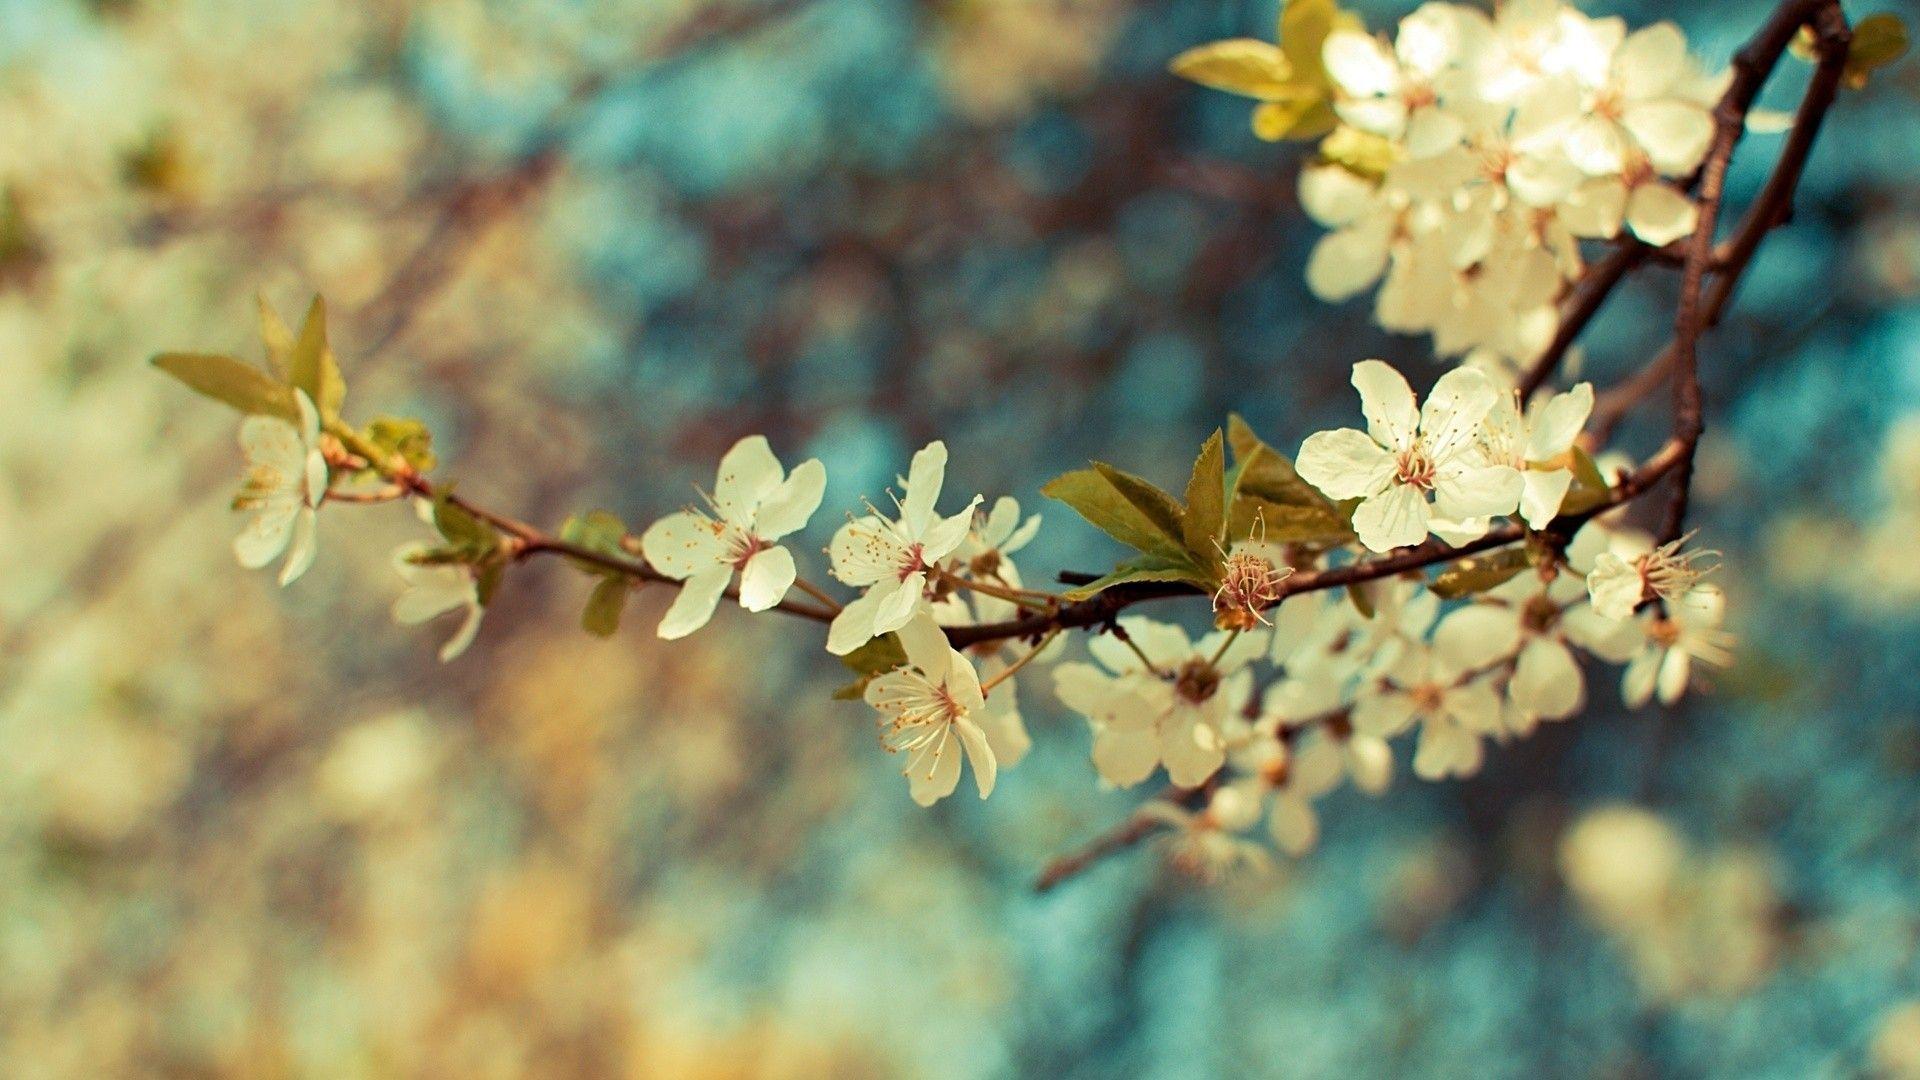 Diverse Vintage Flower Backgrounds Vintage Flowers Wallpaper